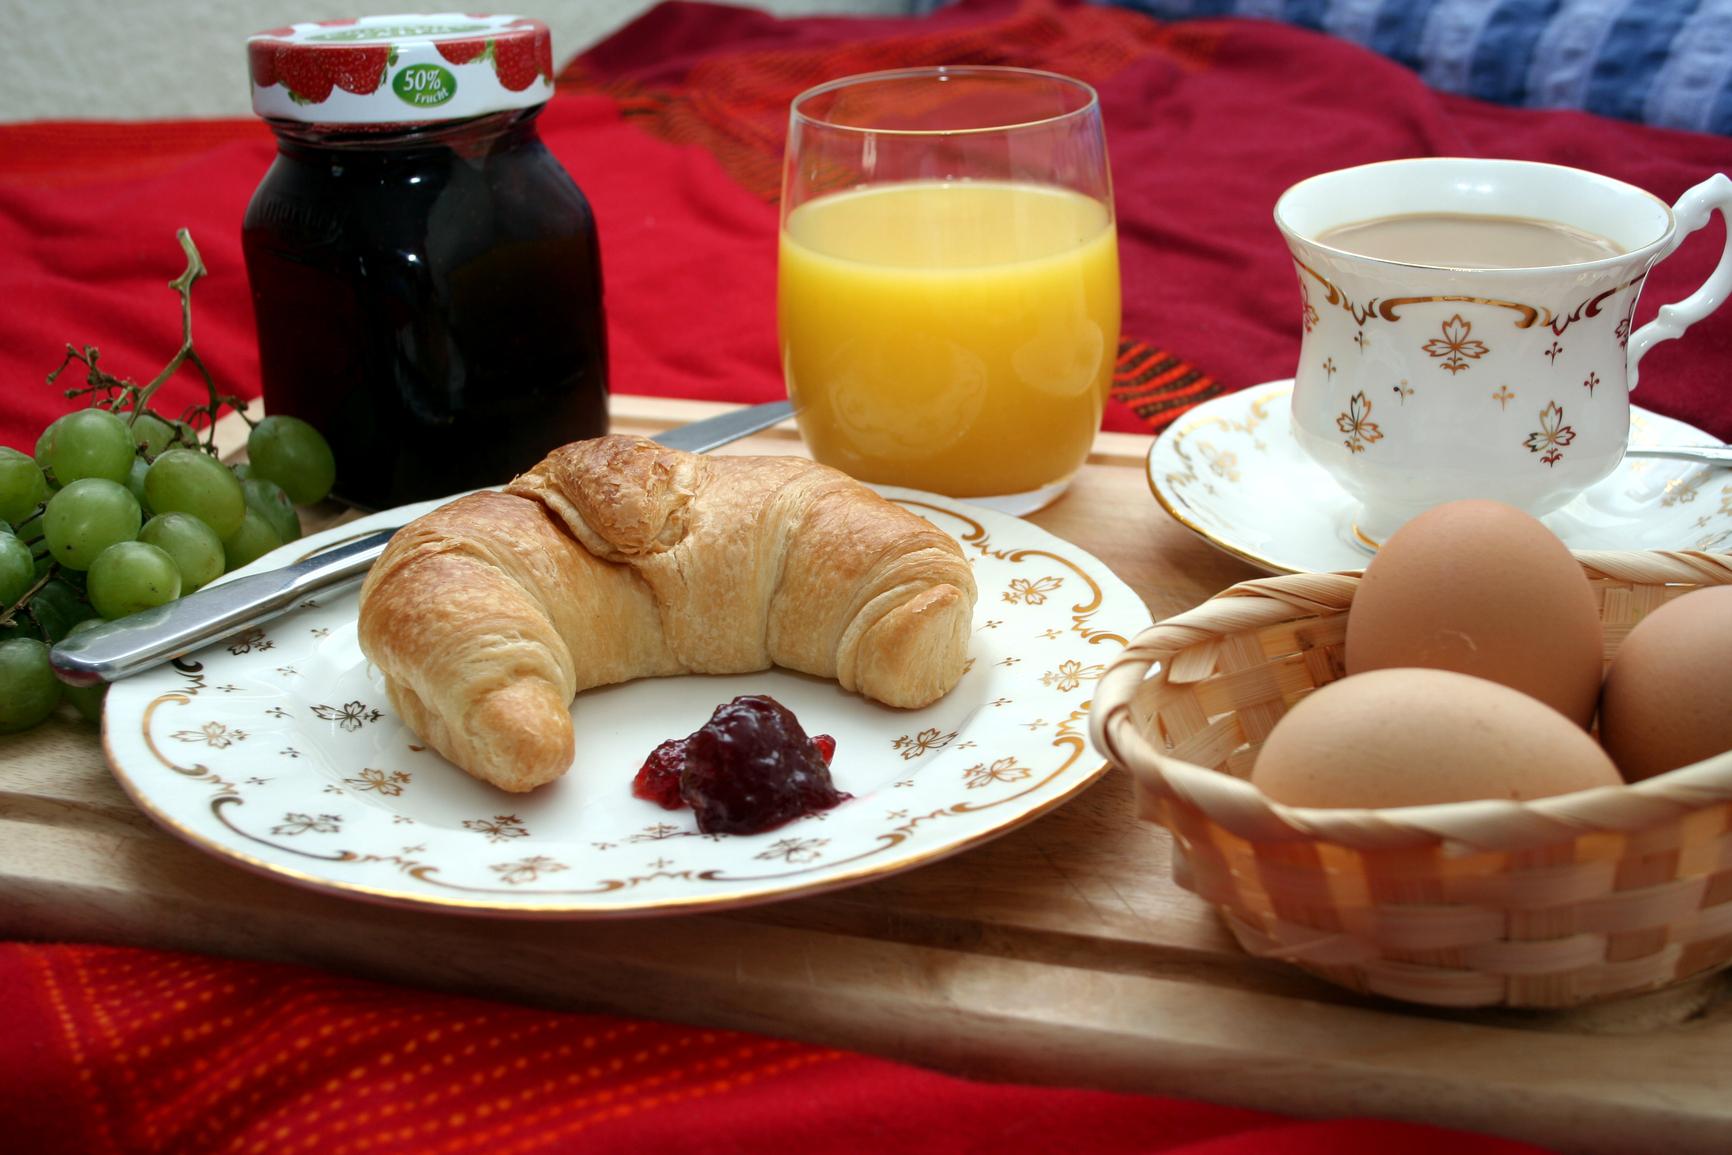 Frühstück, frühstücken, Croisson, Eier, Kaffee, Saft, Orangensaft, Marmelade, essen, Weintrauben, Hörnchen, Butterhörnchen